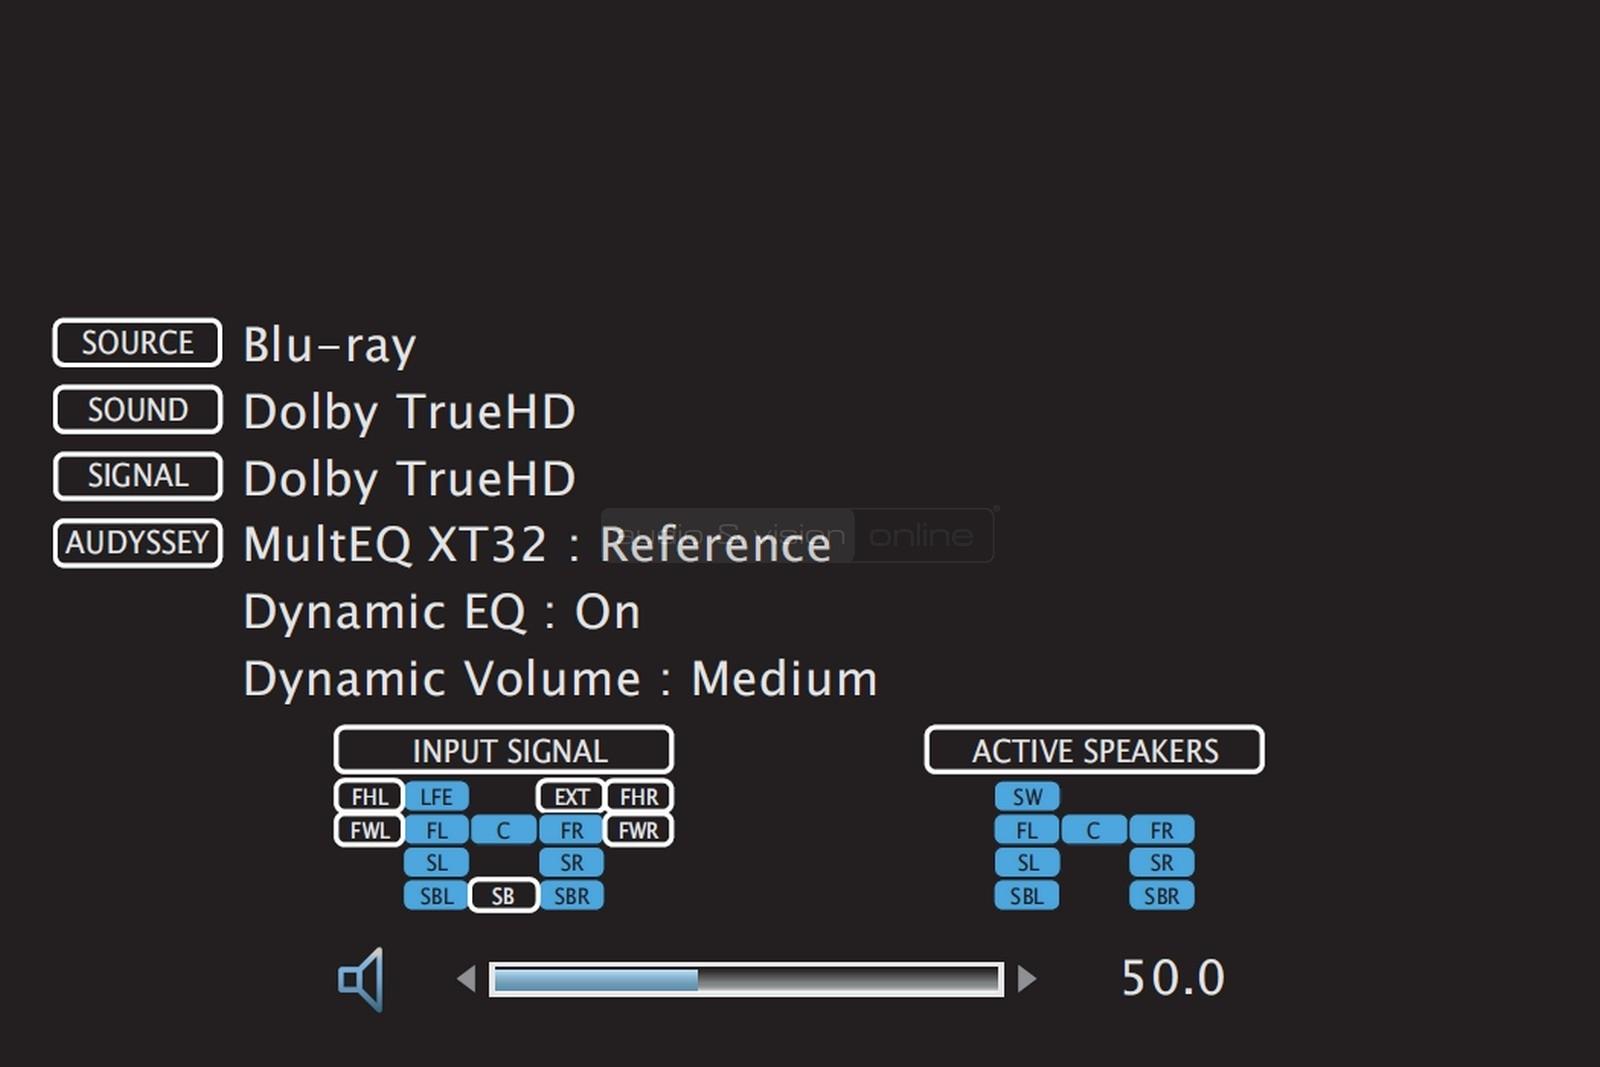 Denon Avr X3300w Hzimozi Erst Teszt Kattints